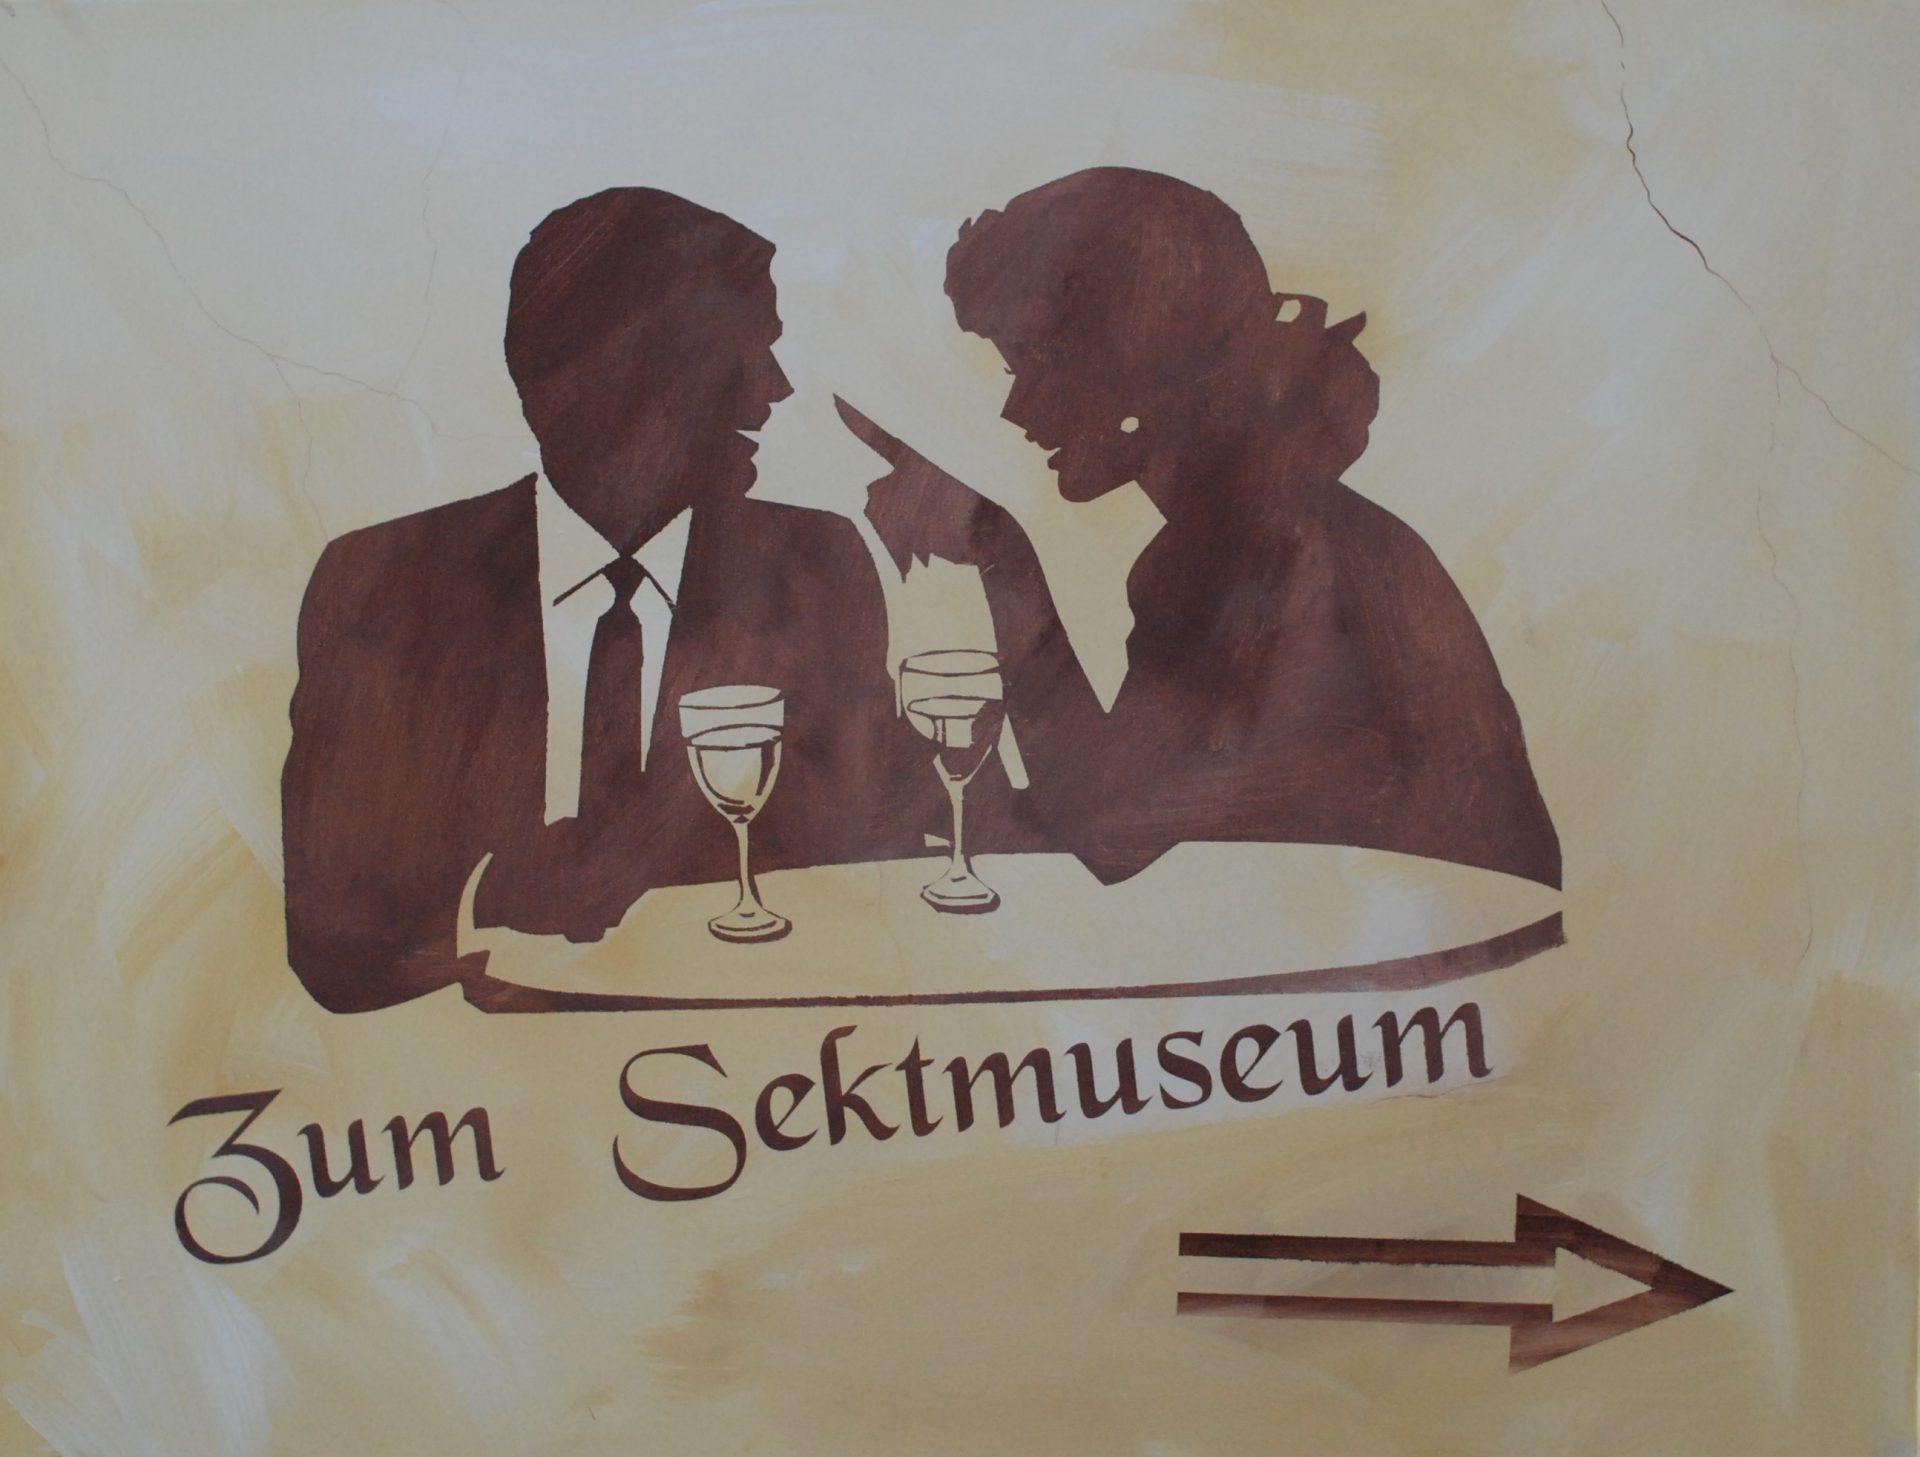 Zum Sektmuseum